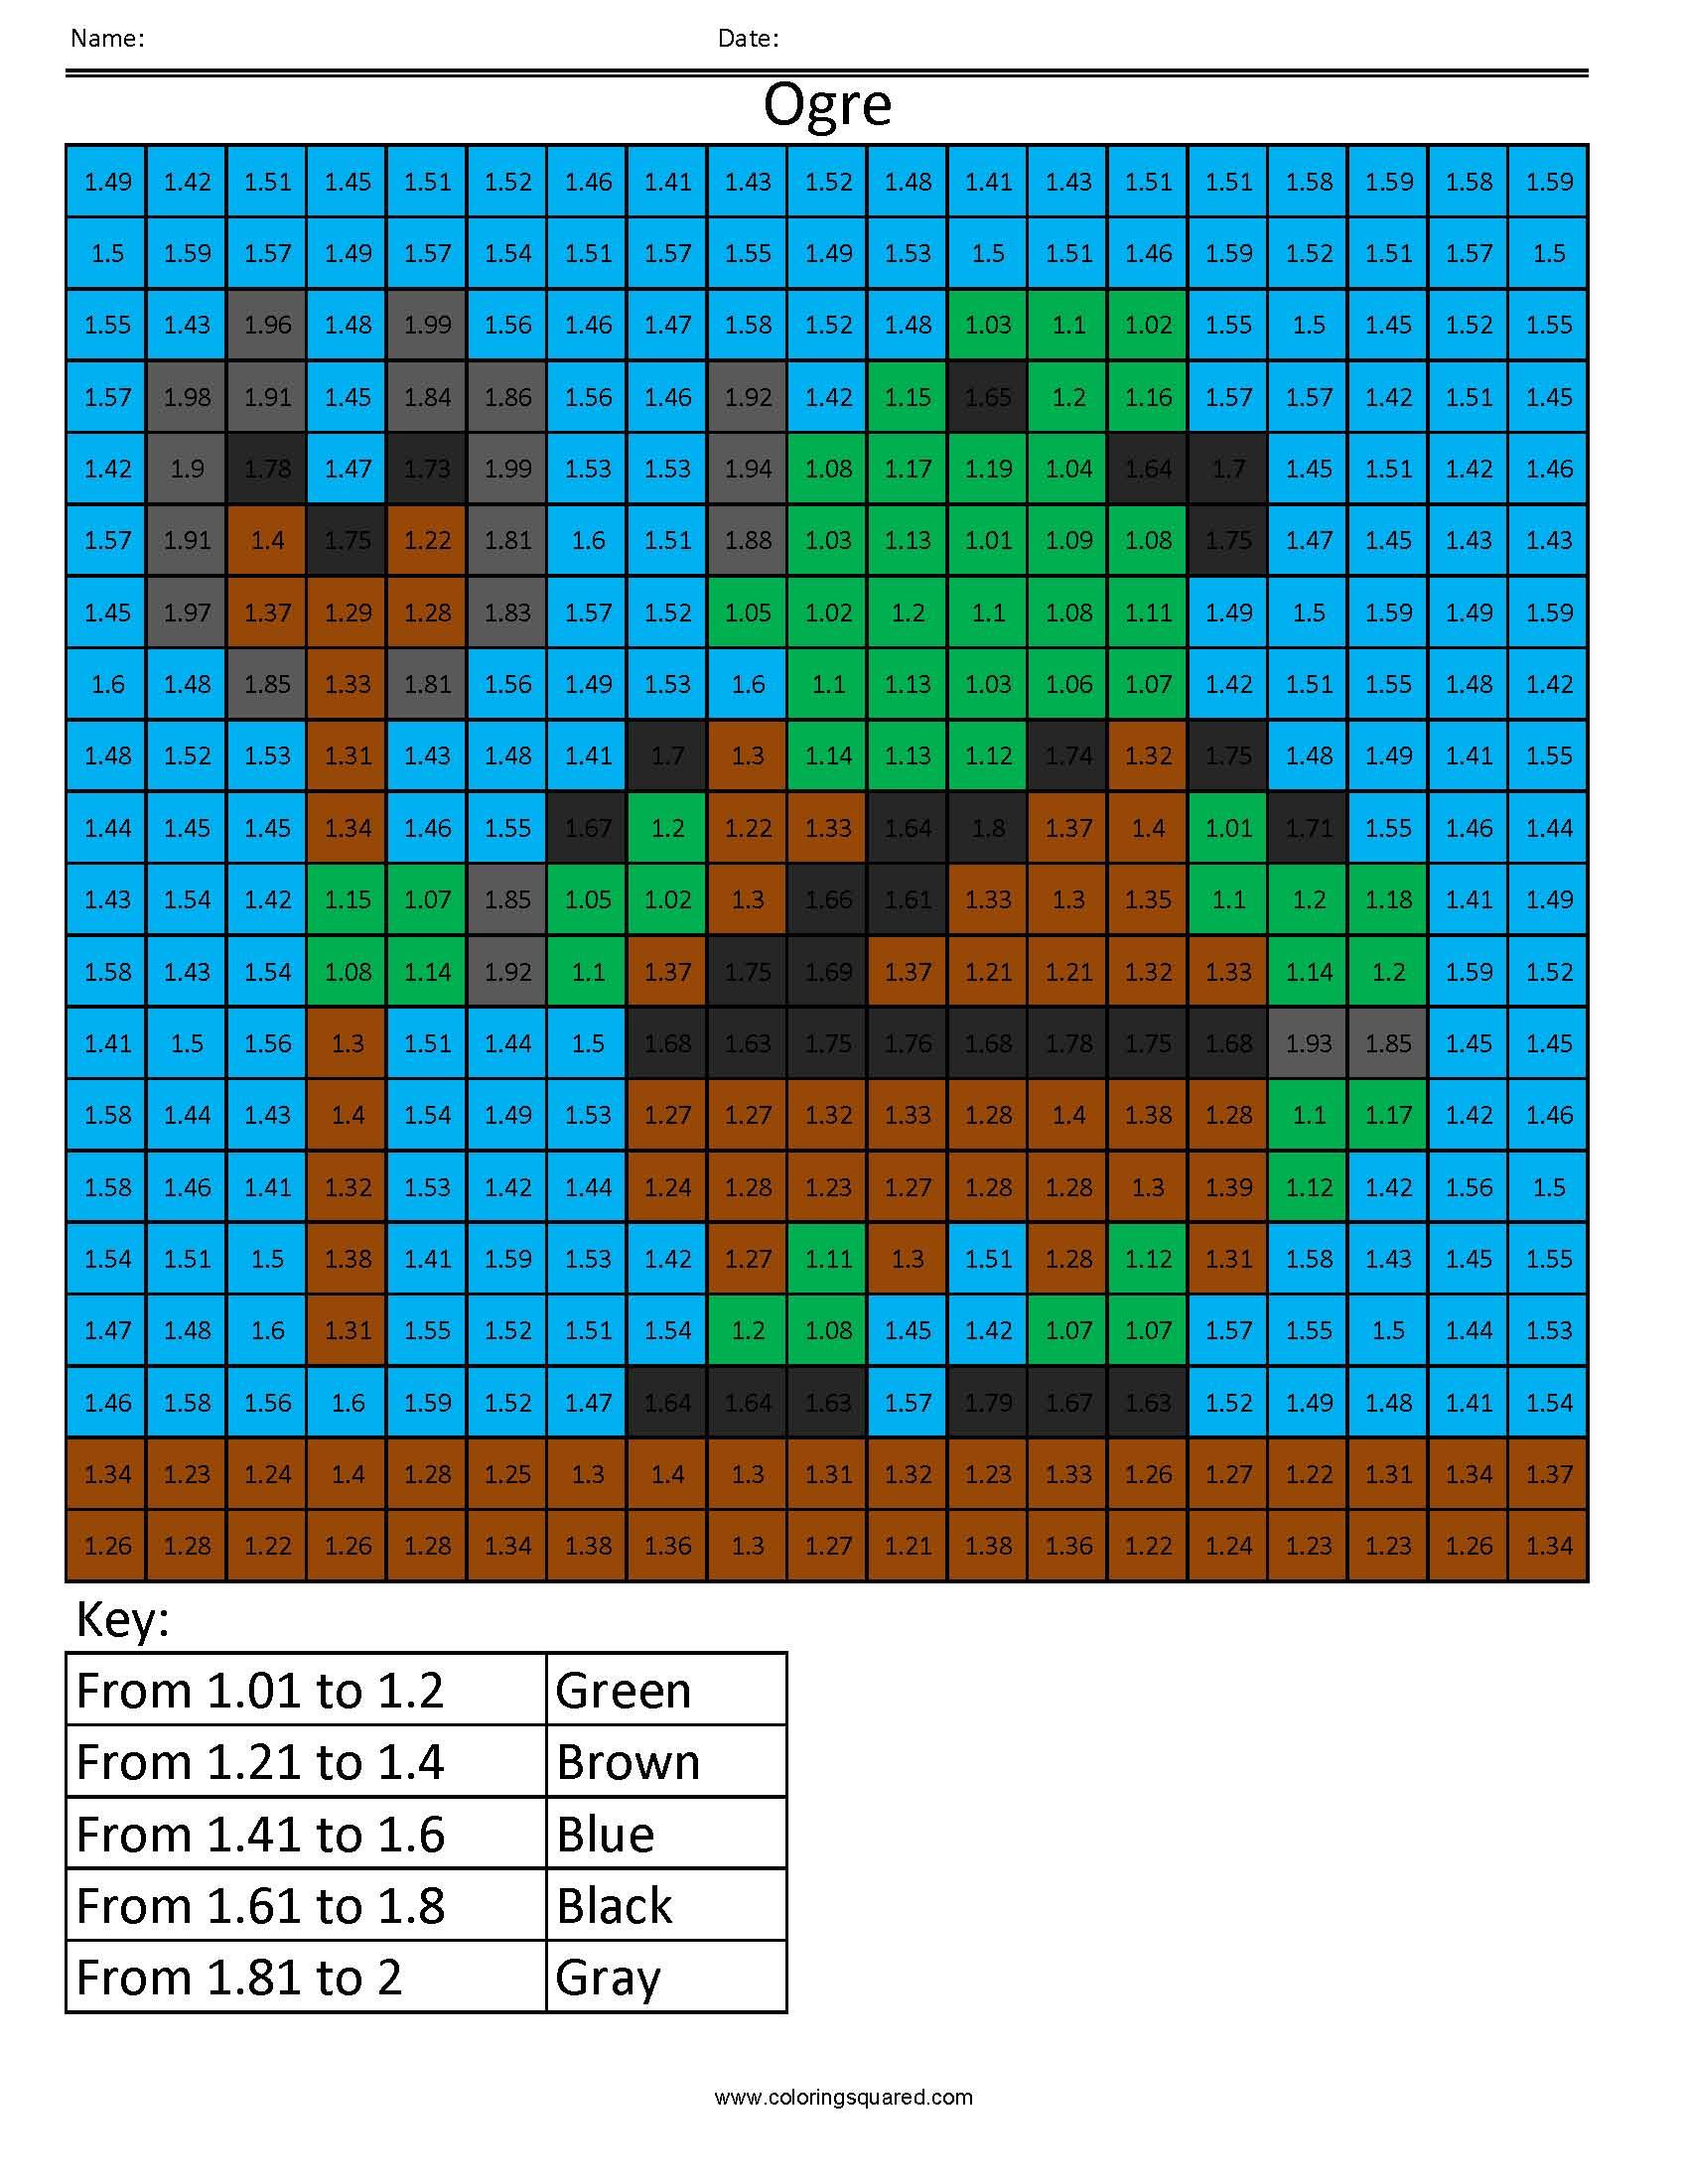 Dp5 Ogre Color Free Fractions Decimals Percent Worksheet